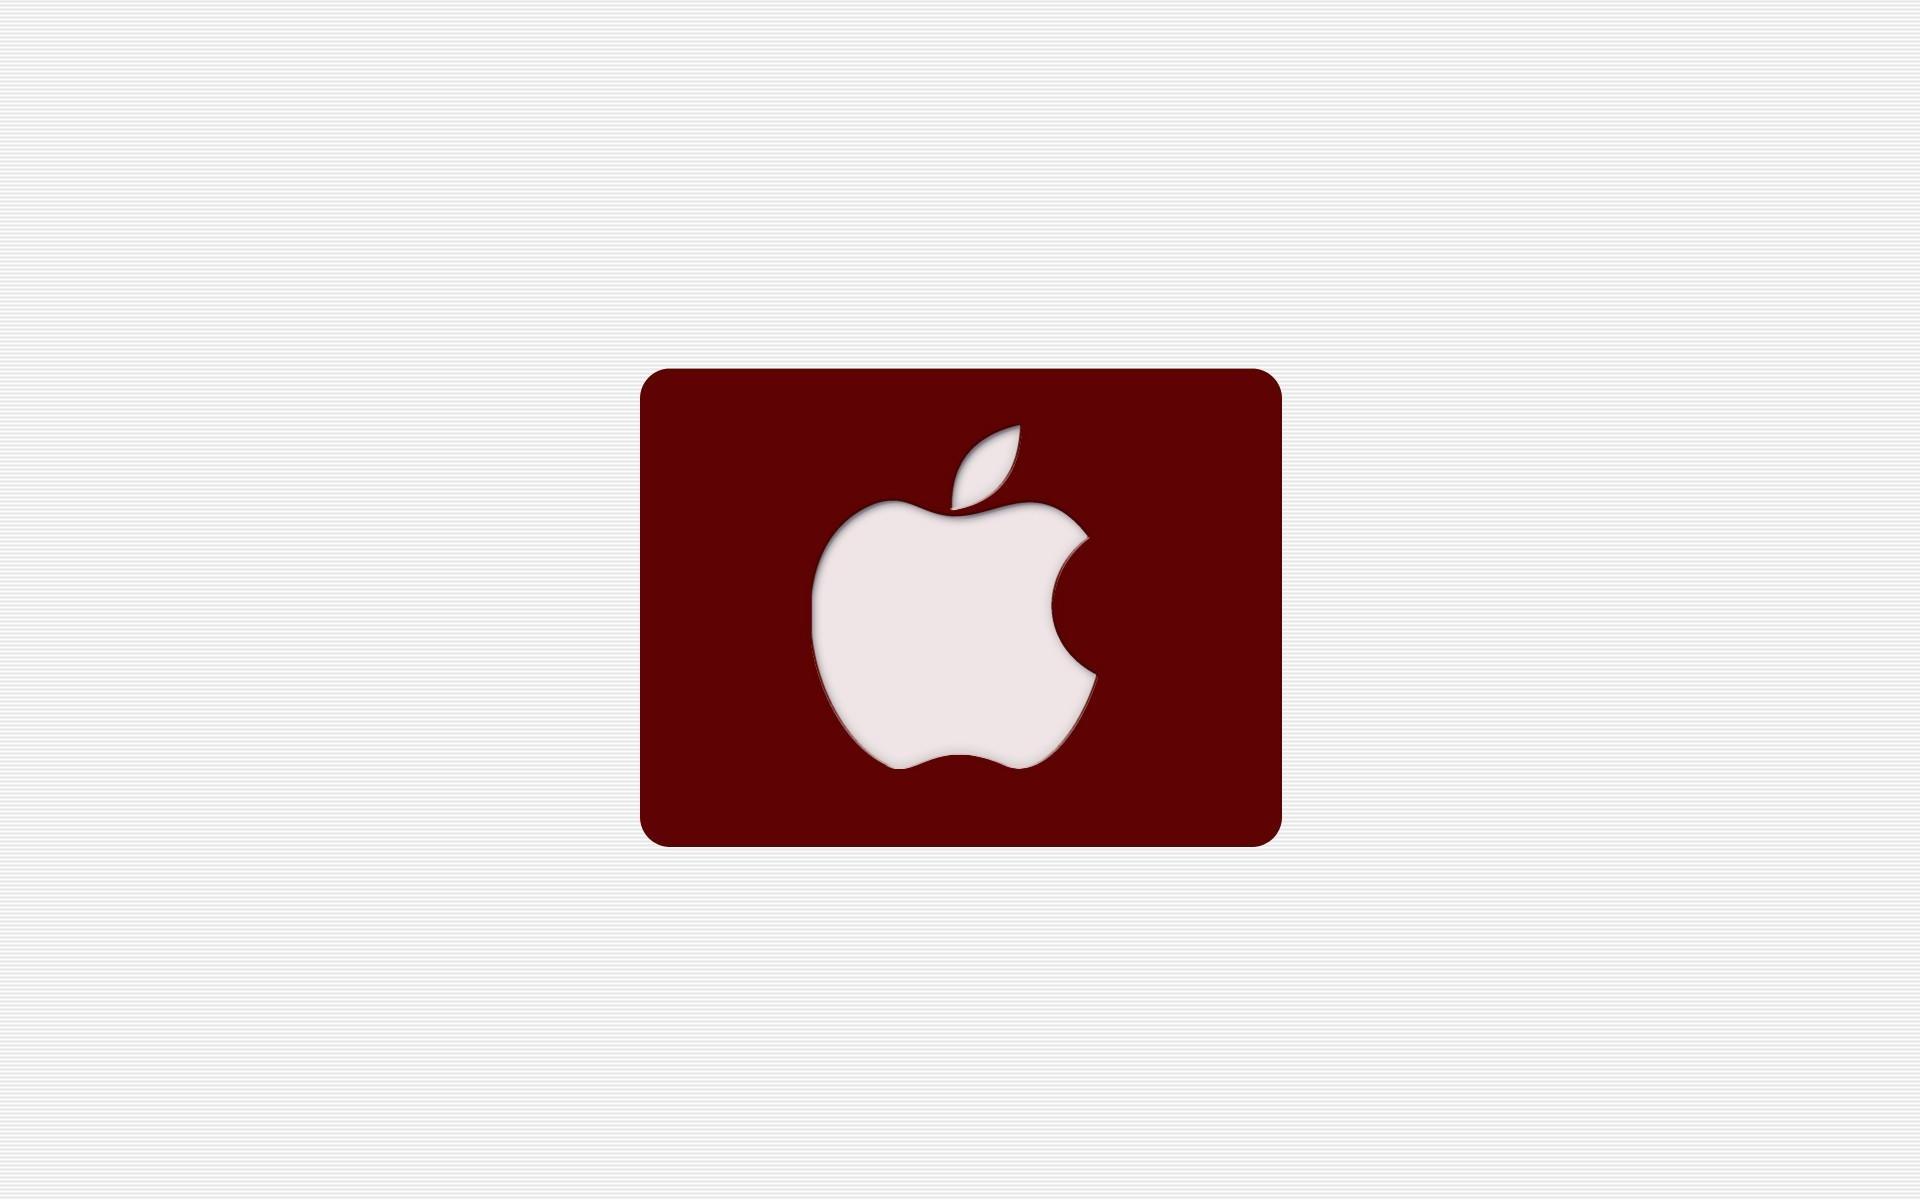 Самый простой способ сменить иконку файла или папки в Mac OS X Проект Как сделать значок apple на папку